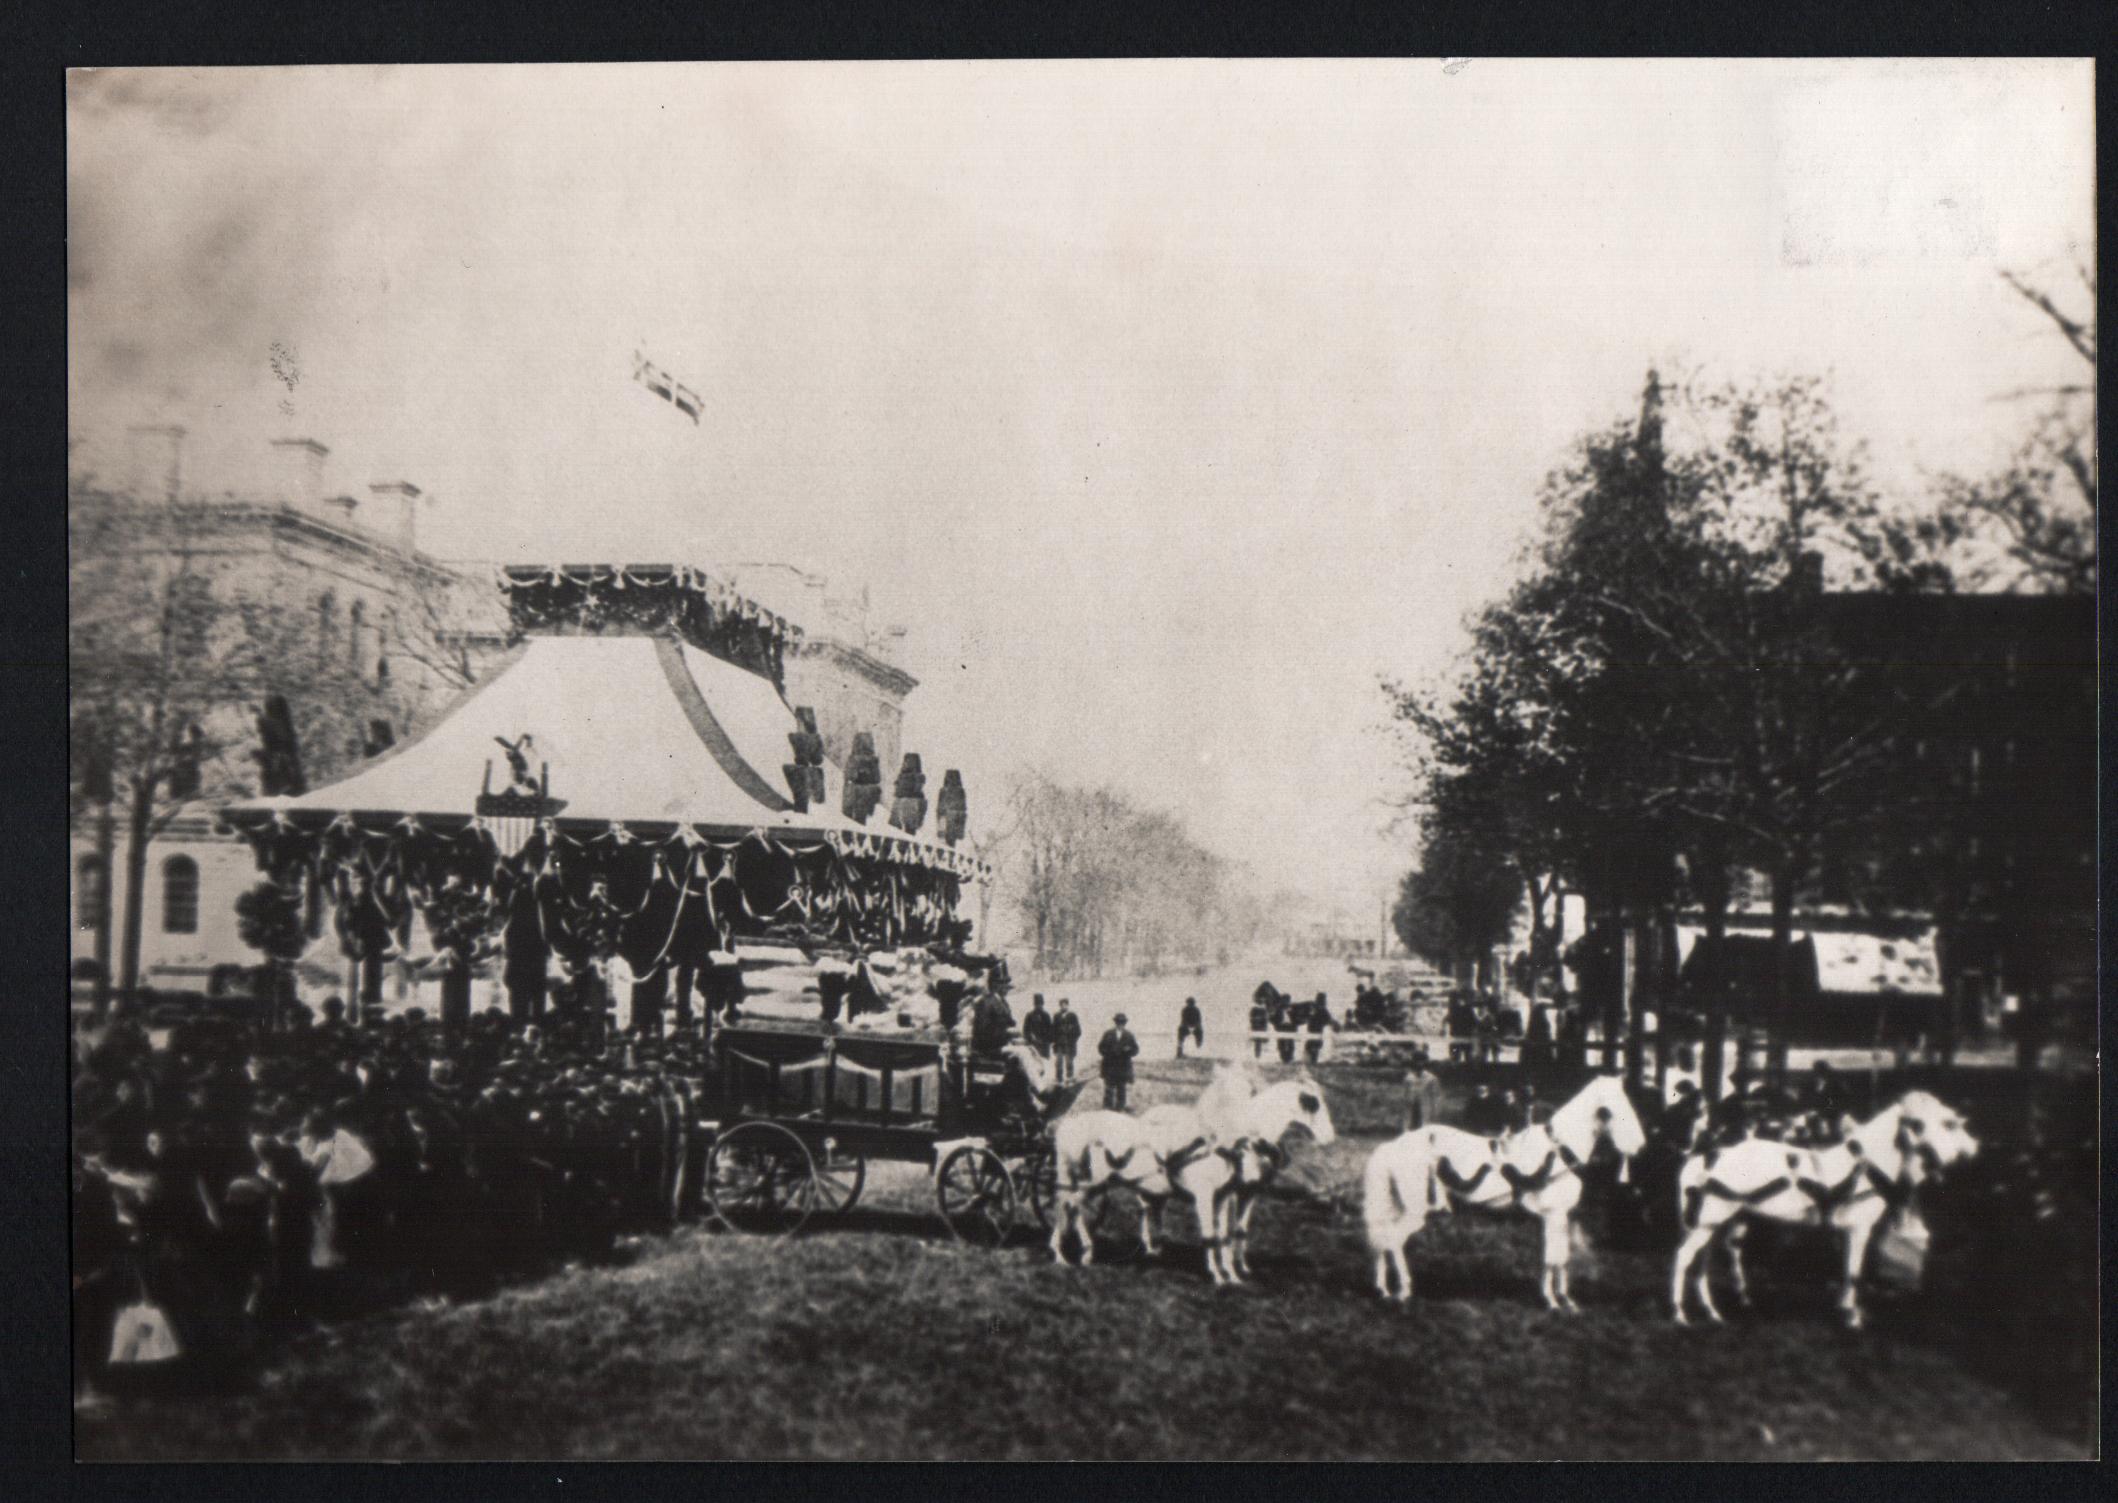 Lincoln Funeral Train in Public Square, April 28, 1865